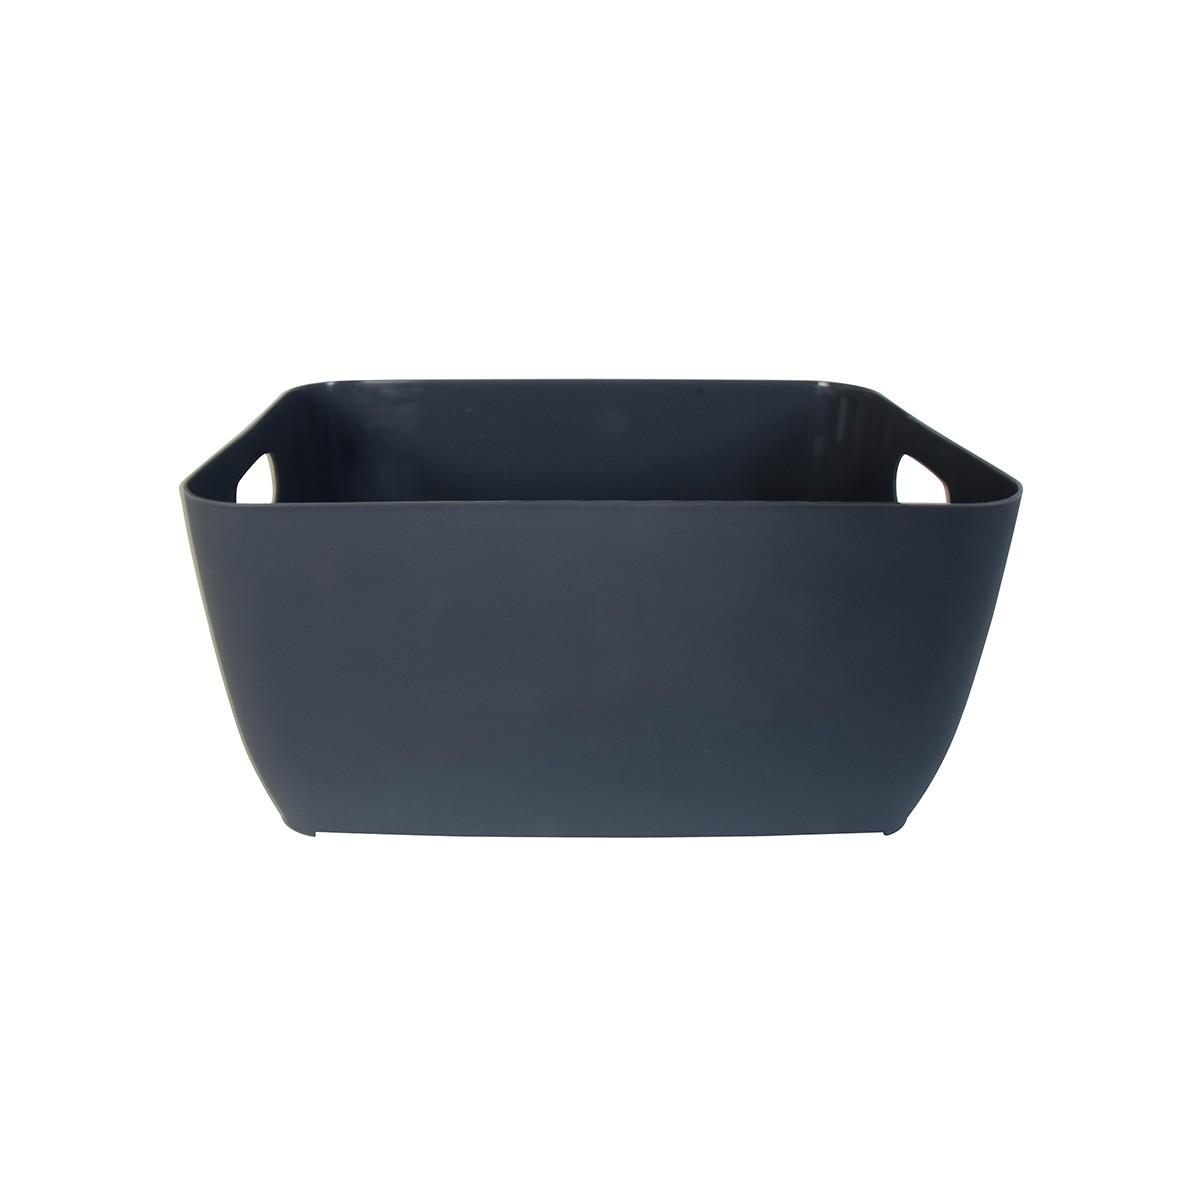 Κουτί Αποθήκευσης LifeStyle Store Box Medium 05042.001 Dark